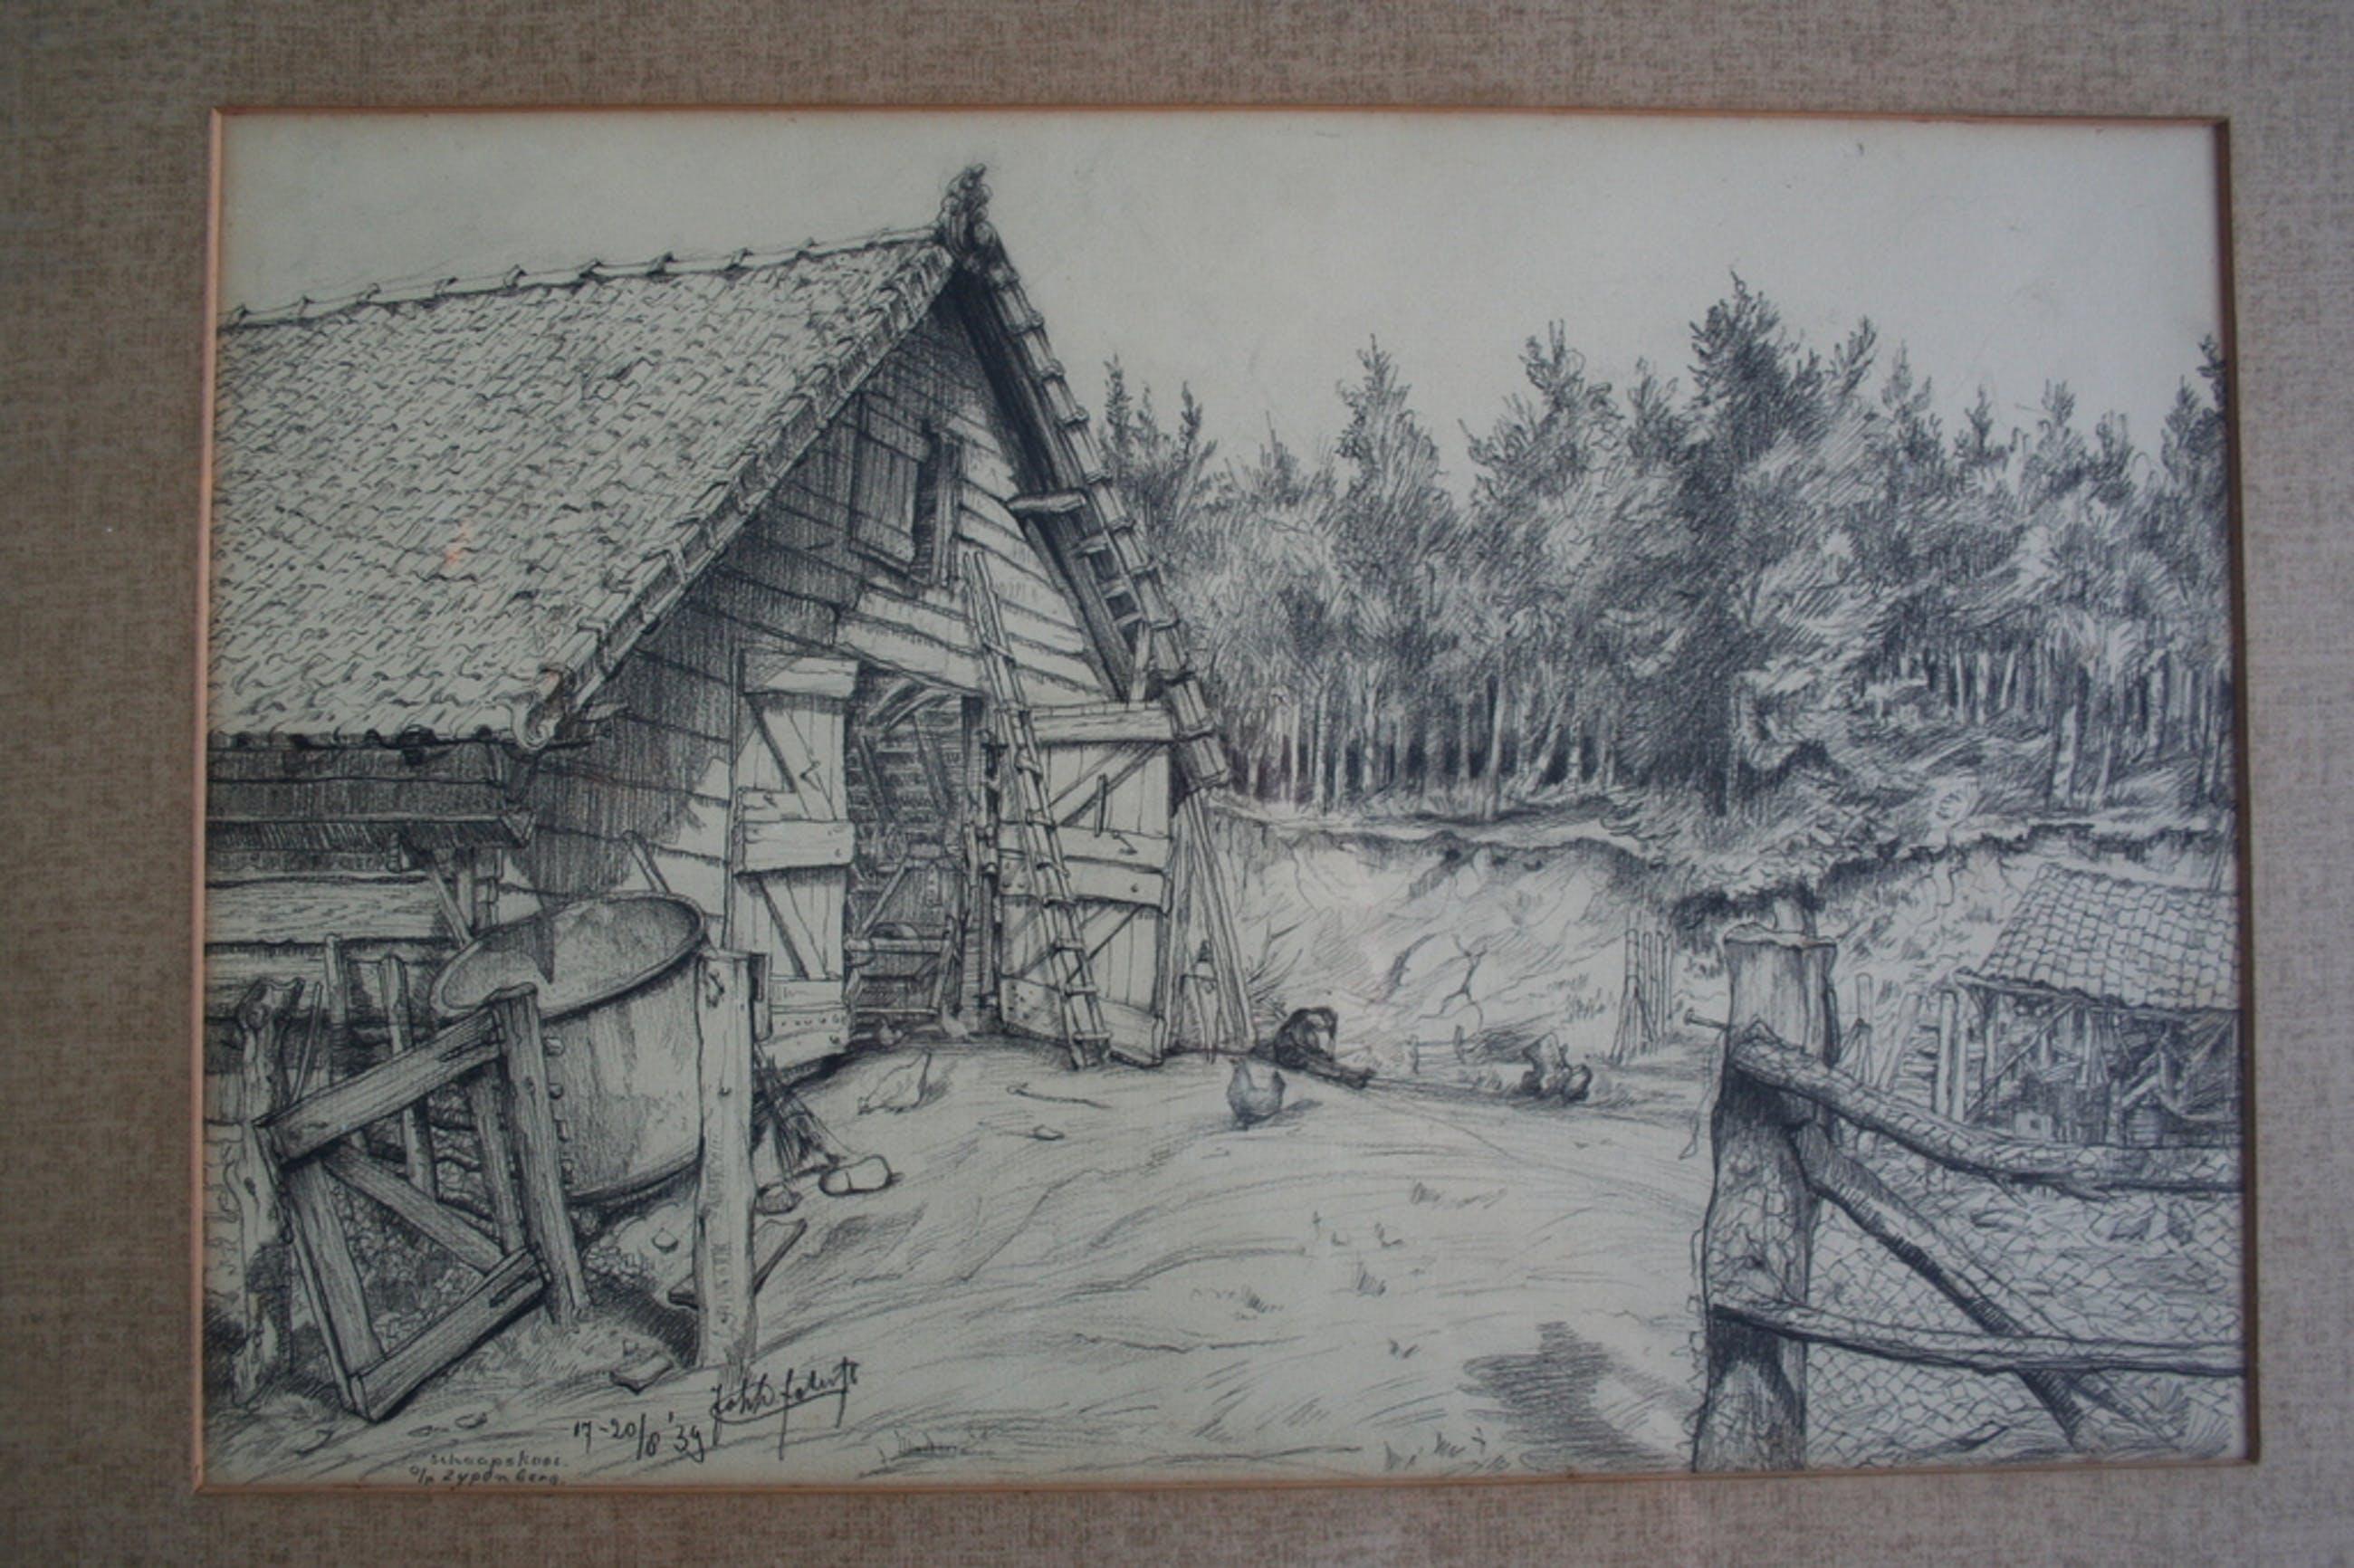 J.D. SCHERFT (1891-1969), tekening, schaapskooi o/d Zijpenberg kopen? Bied vanaf 60!